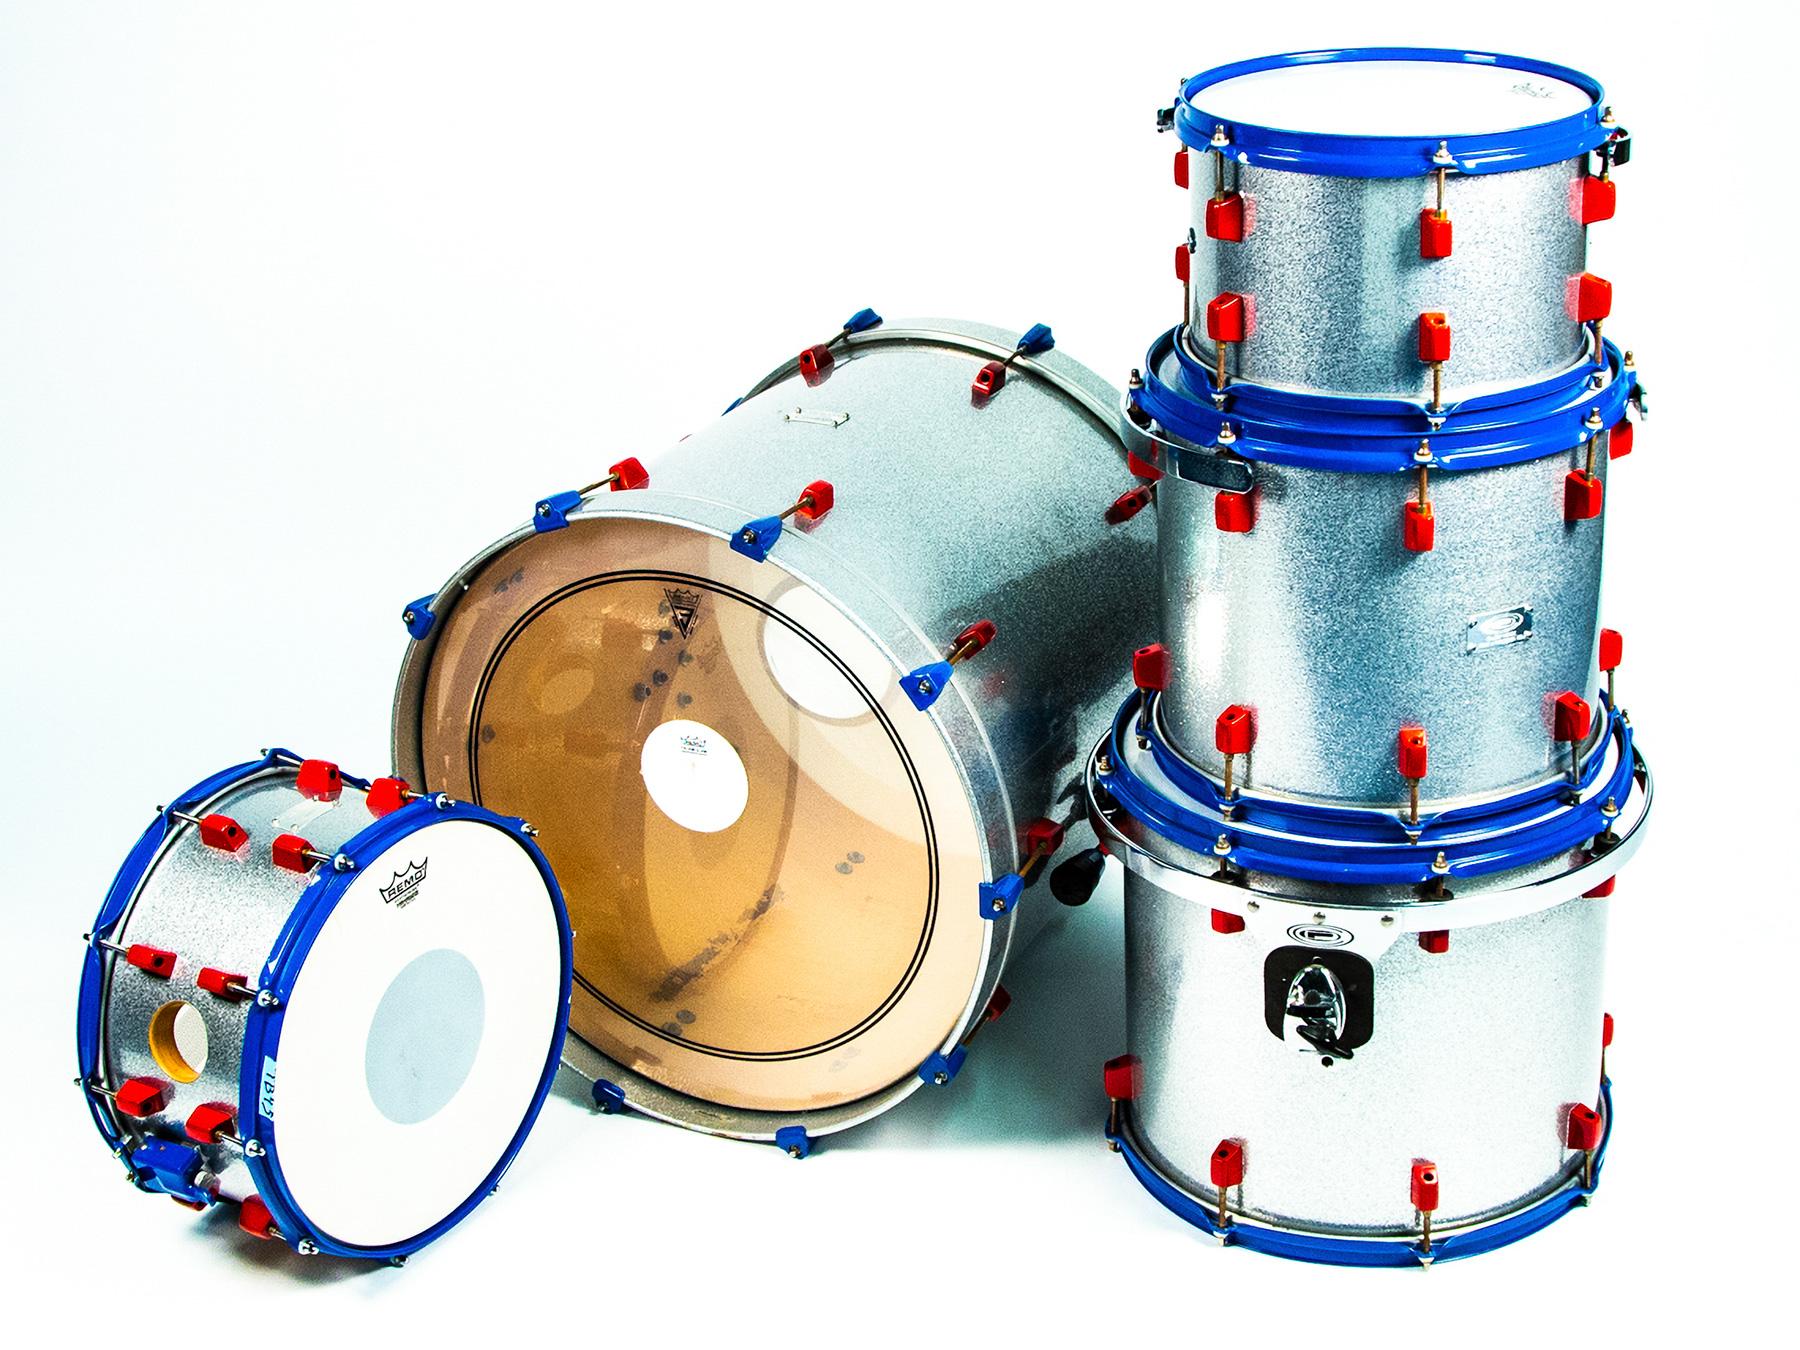 adams song drum kit